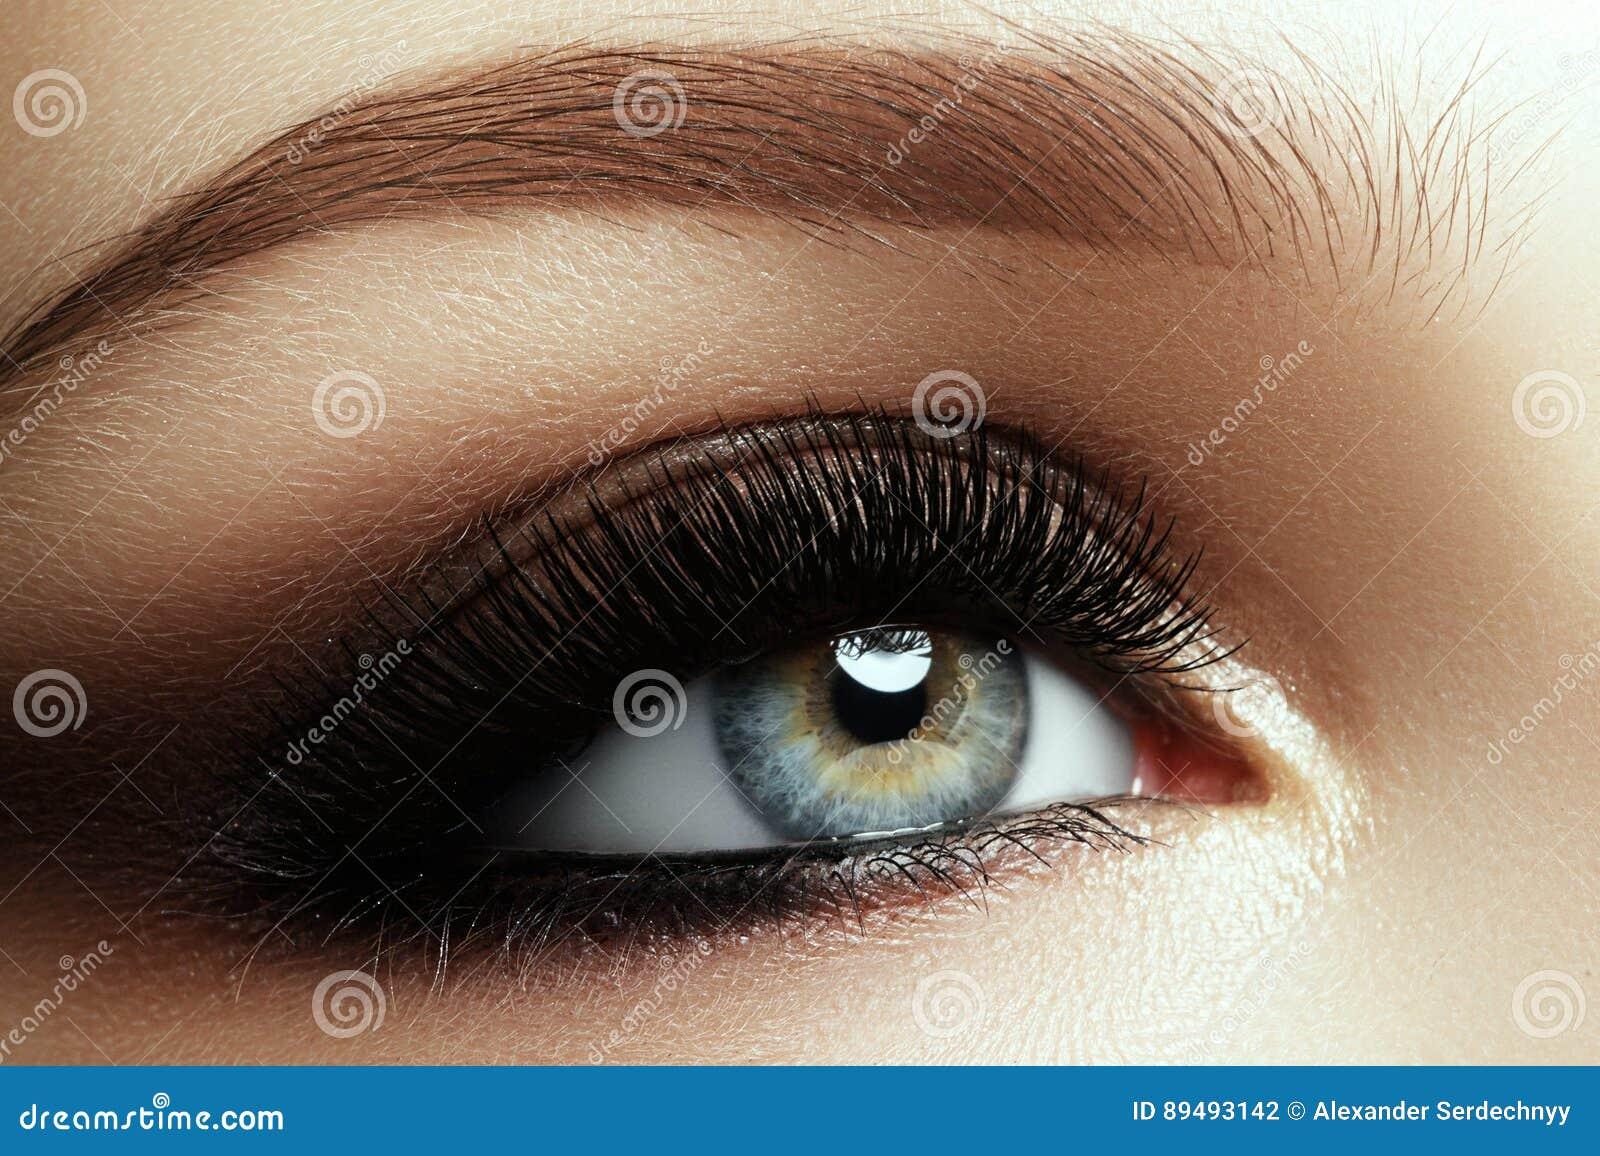 Mooi macroschot van vrouwelijk oog met extreme lange wimpers